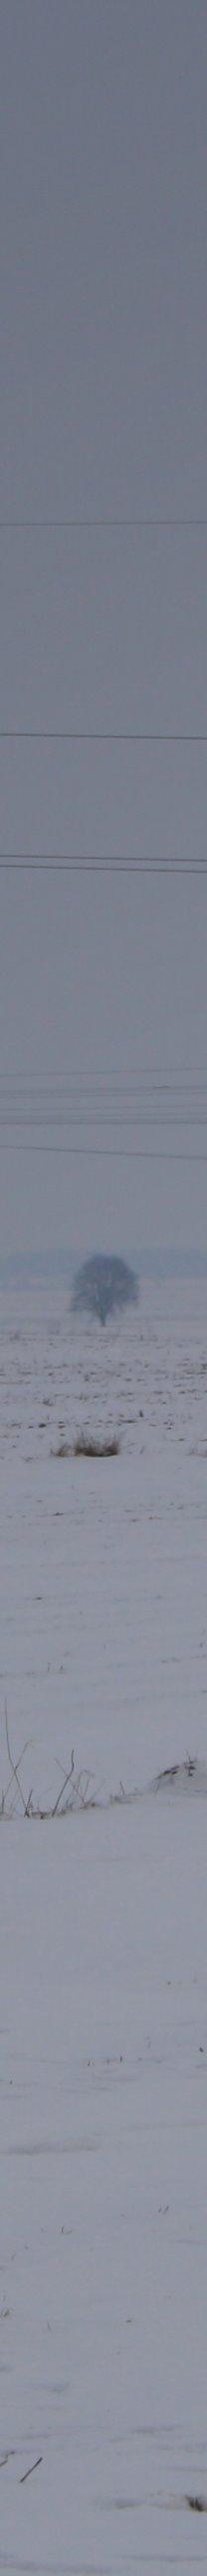 lyse drzewo ucieklo z kulki by Sitizel